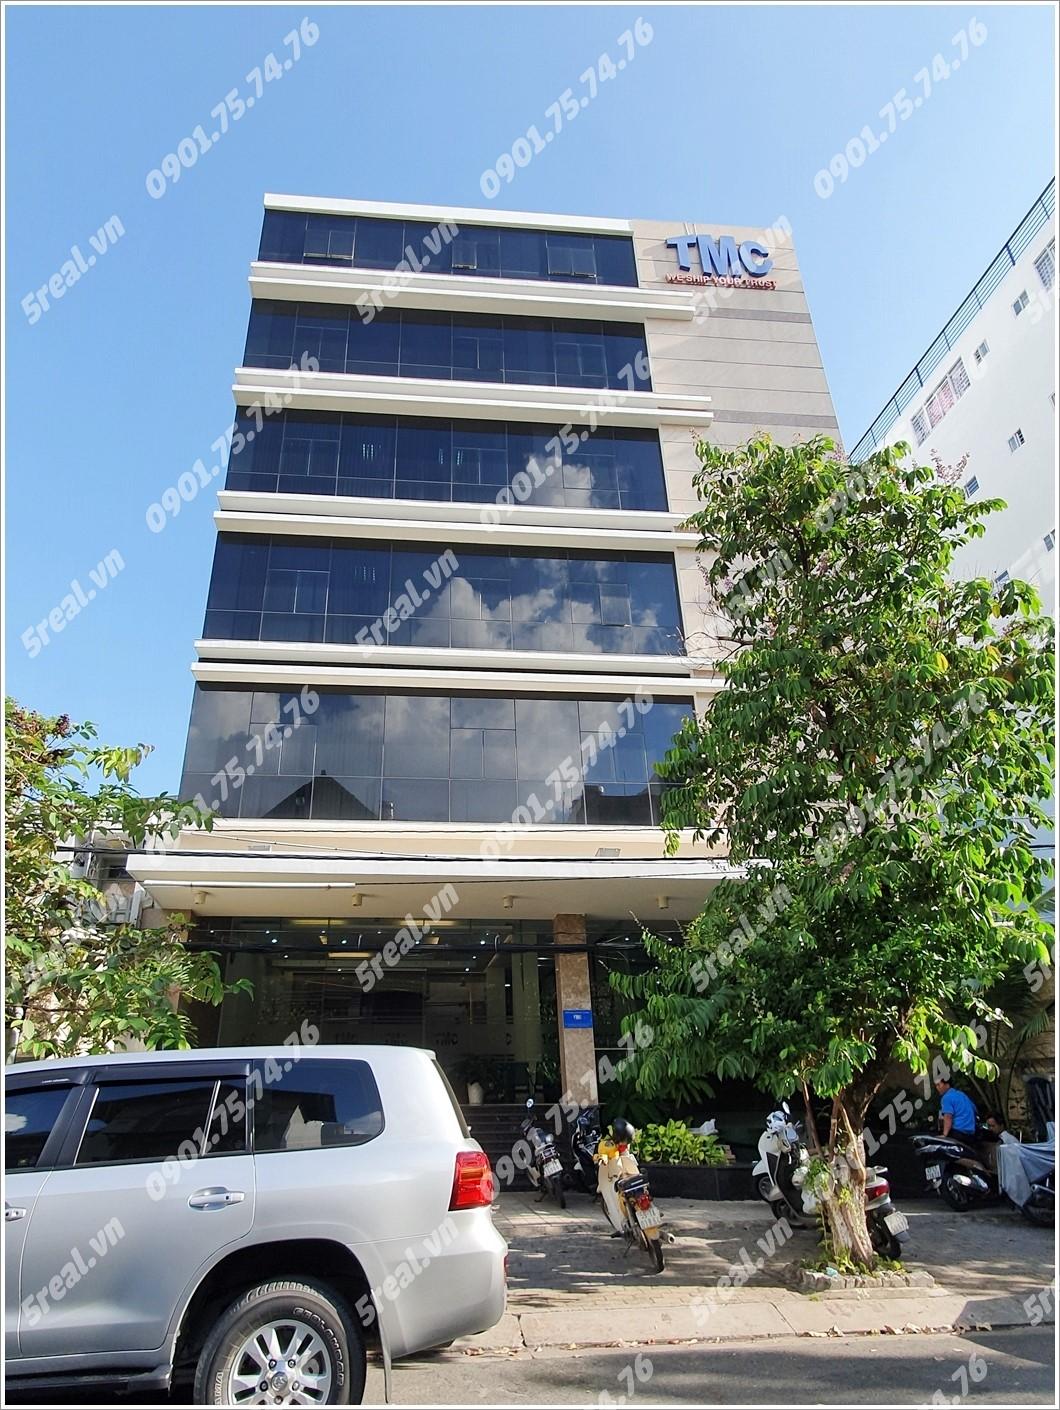 thamico-building-nguyen-thi-thap-quan-7-van-phong-cho-thue-tphcm-5real.vn-01